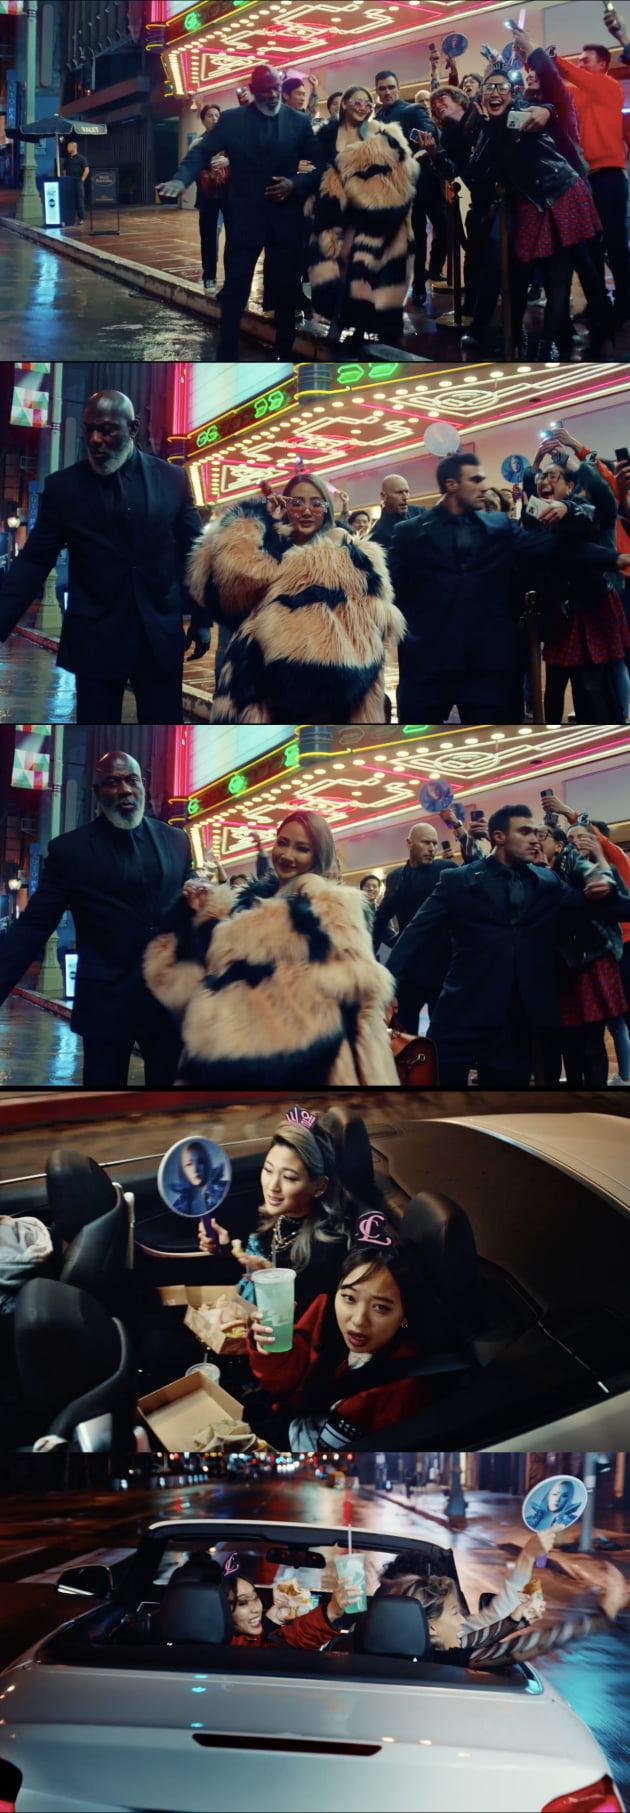 가수 CL /사진=미국 타코벨 TV 광고 화면